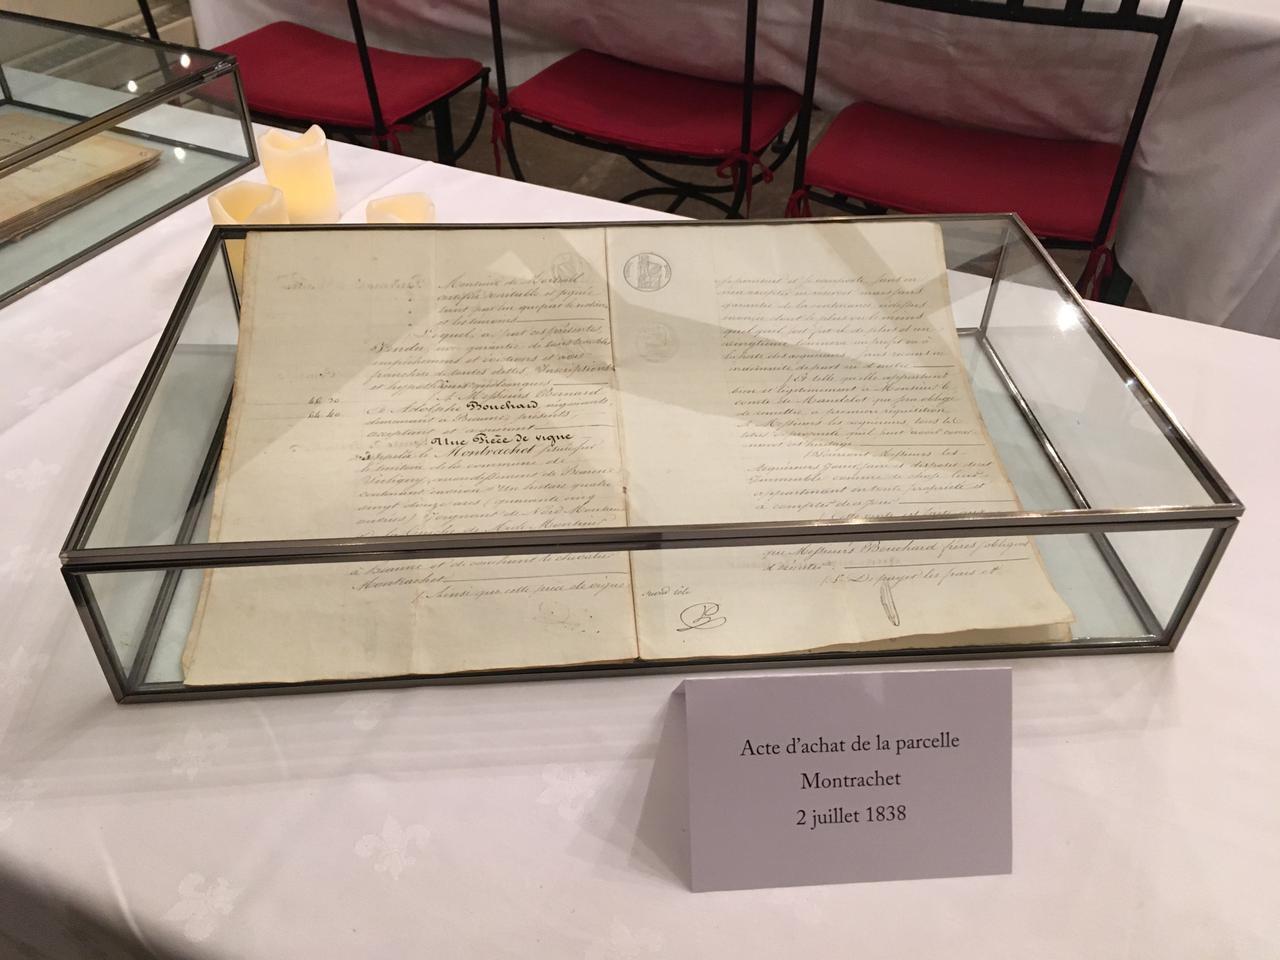 画像: 1838年7月2日、モンラッシェ買収の証文